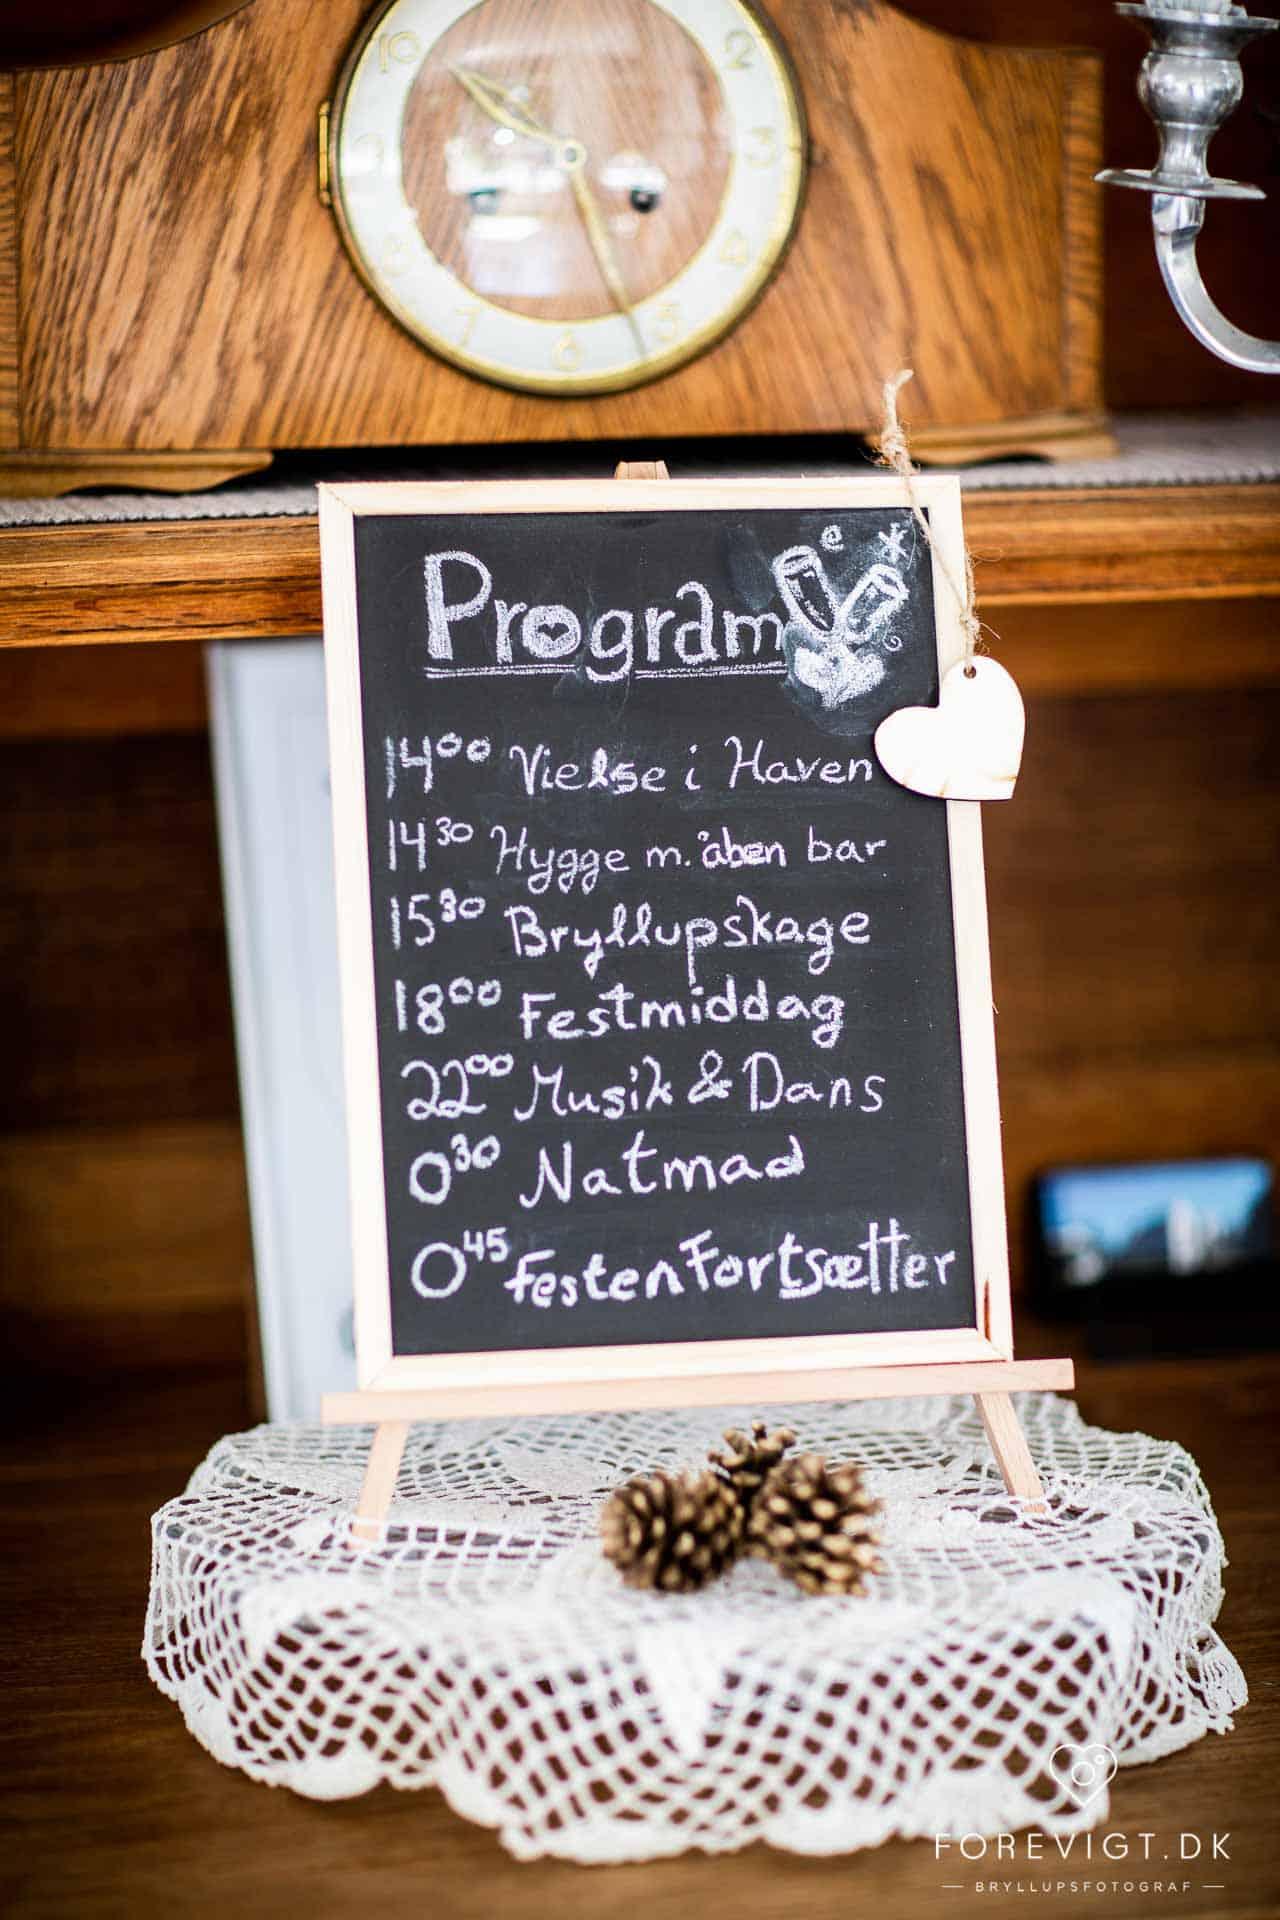 Billig Fotograf, Billige Bryllupsbilleder, Billig bryllupsfotograf